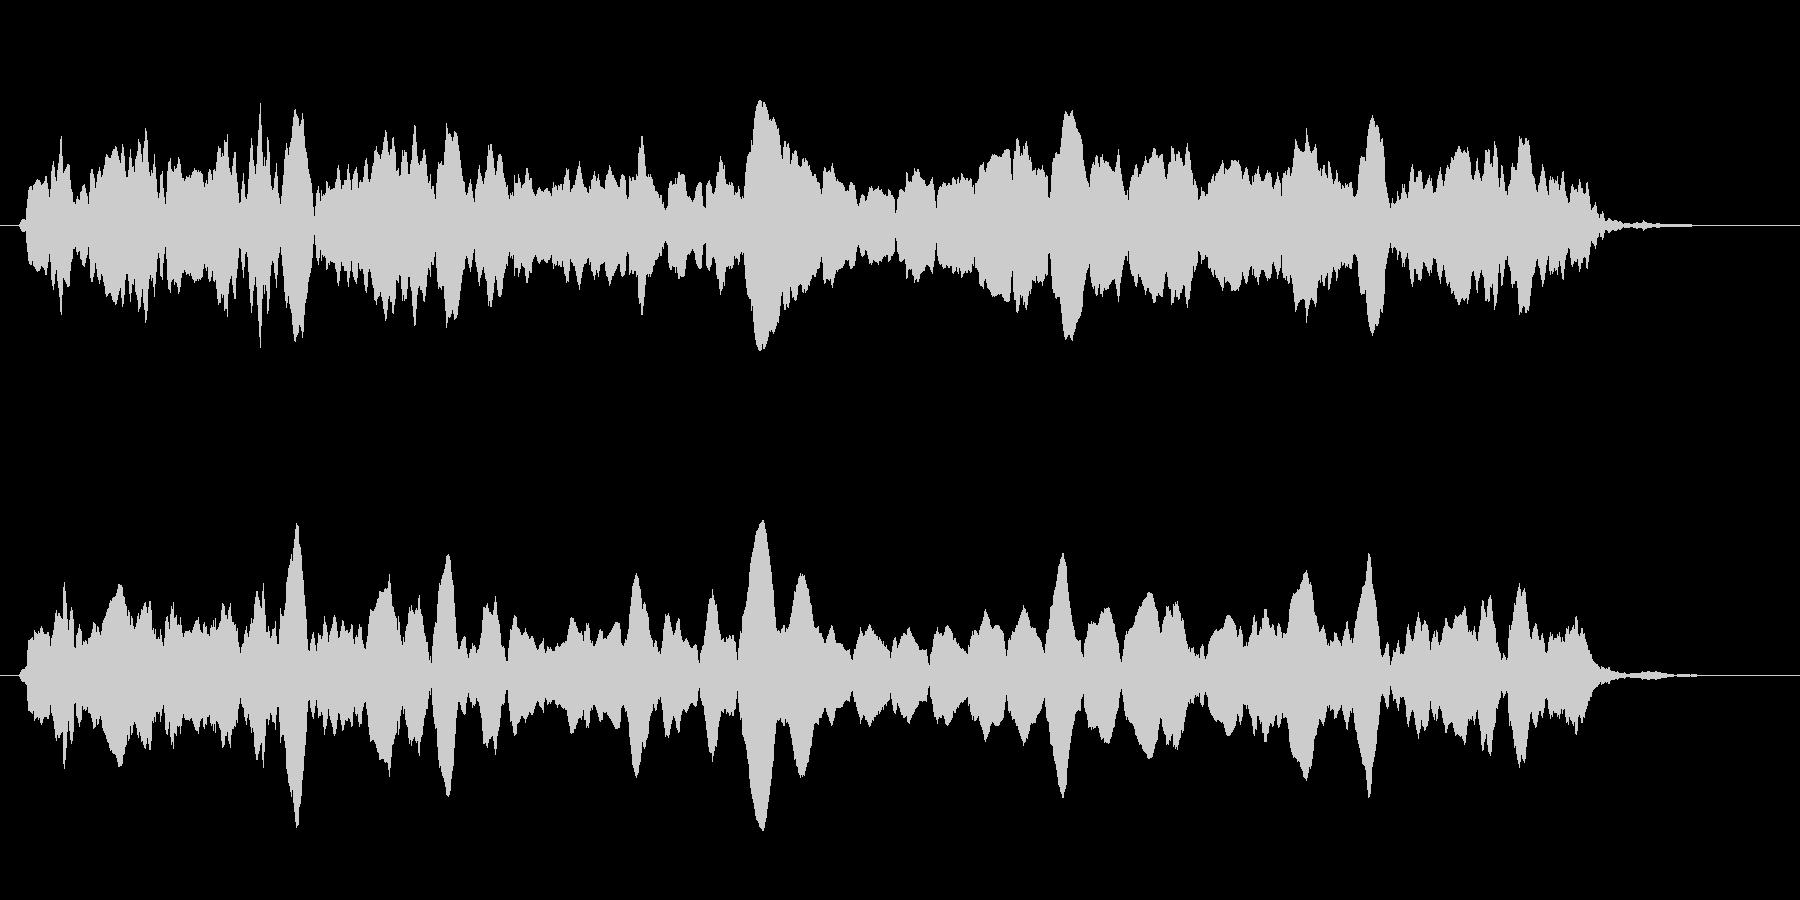 ピピピ(グラフ・ゲージ・パラメータ表示)の未再生の波形